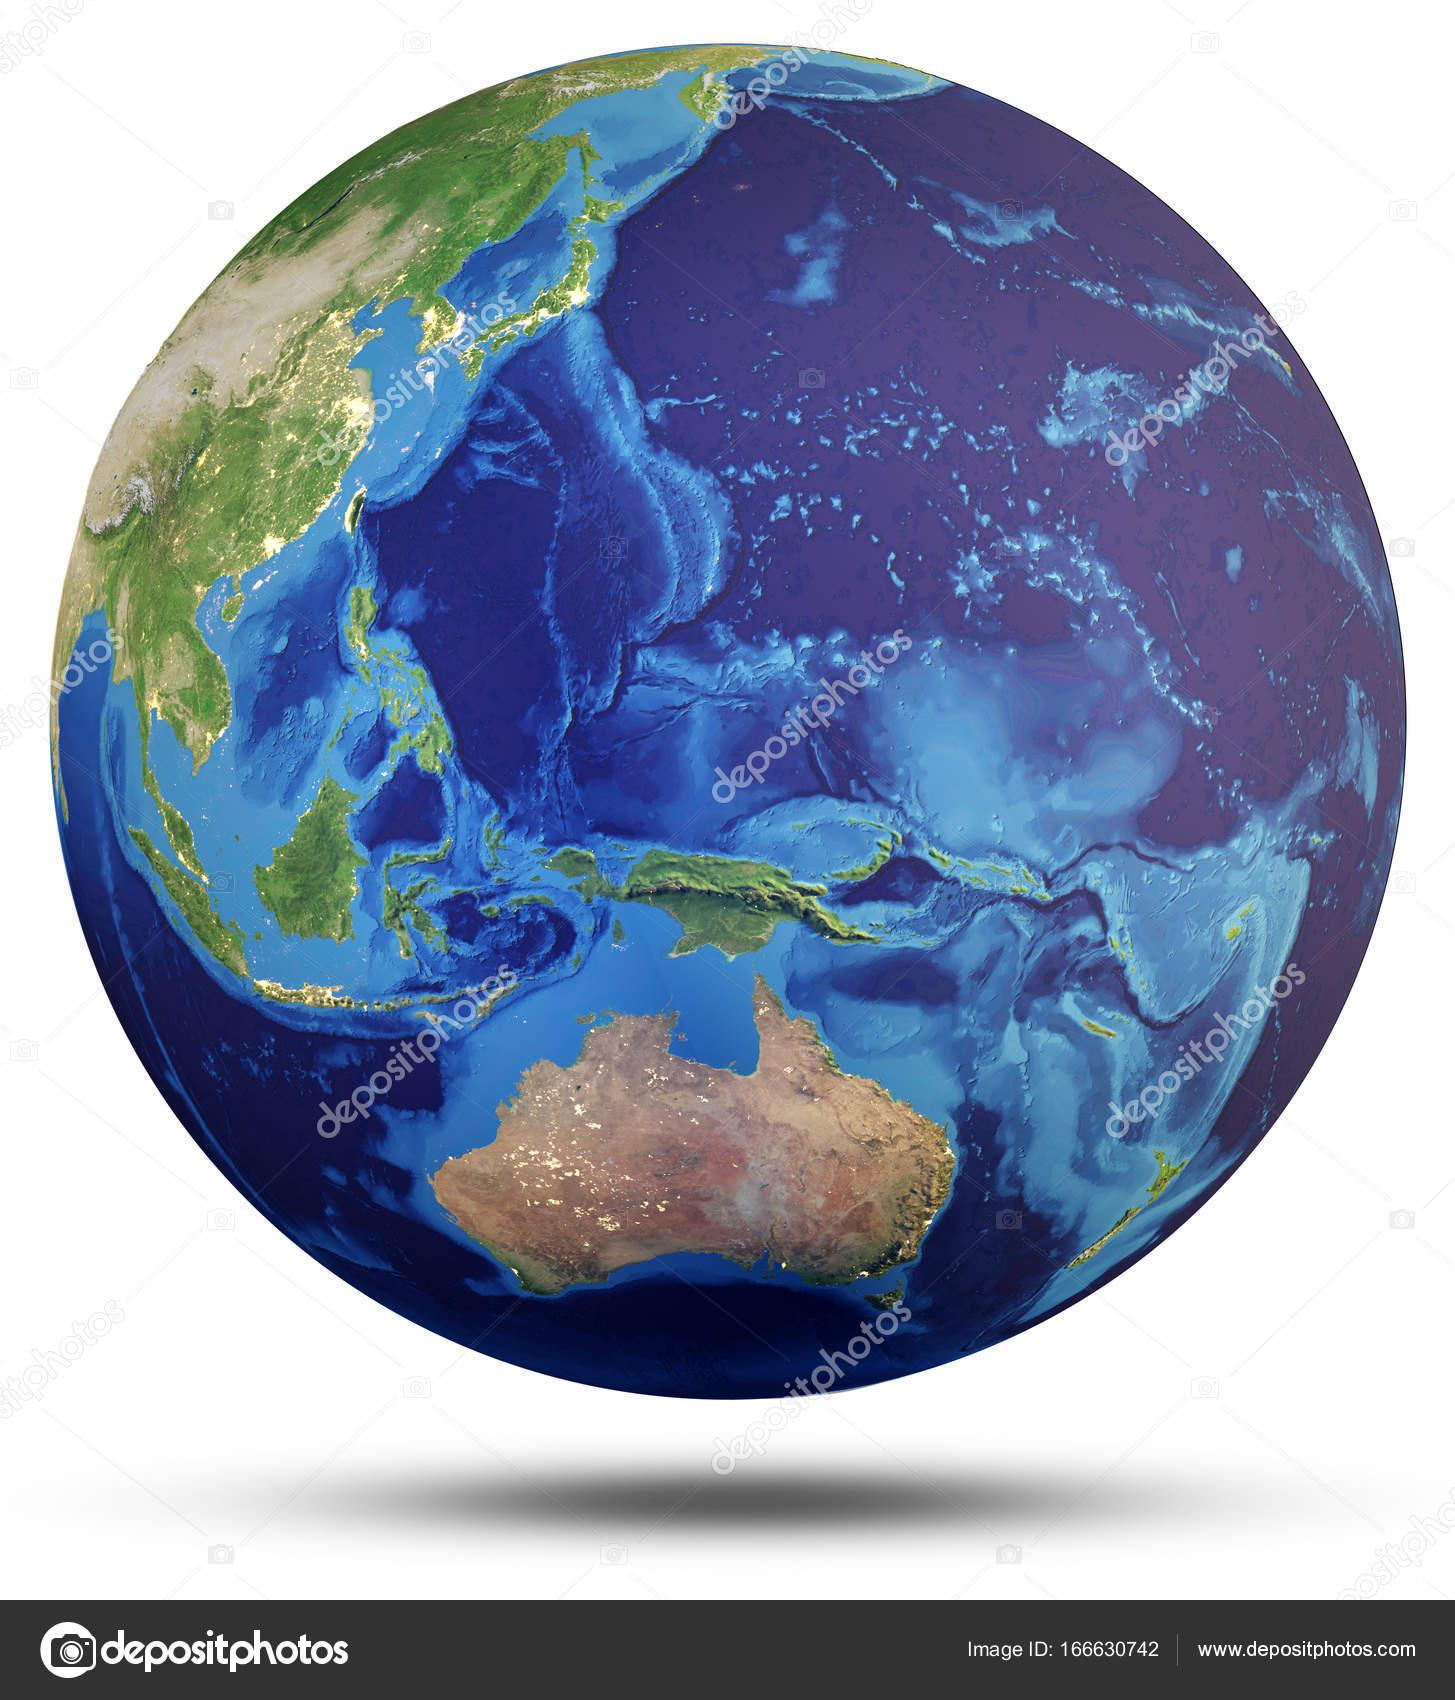 Wunderbar Weltkugel 3d Foto Von Erde-weltkugel. Elemente Des Bildes Von Der Nasa